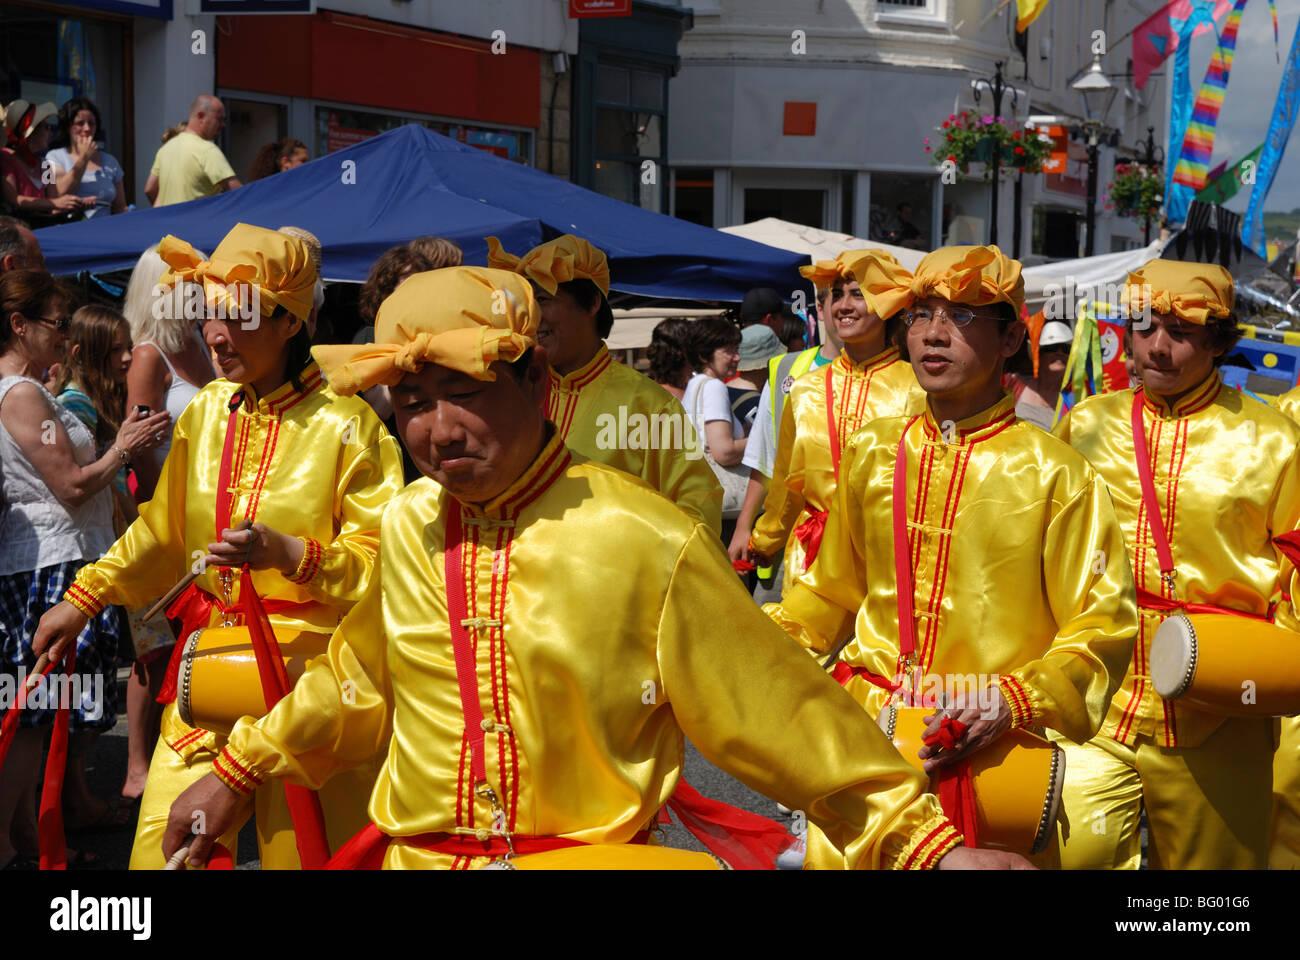 """Mitglieder der alten chinesischen Kultur """"Falun Gong"""" marschieren durch die Straßen von Penzance Stockbild"""